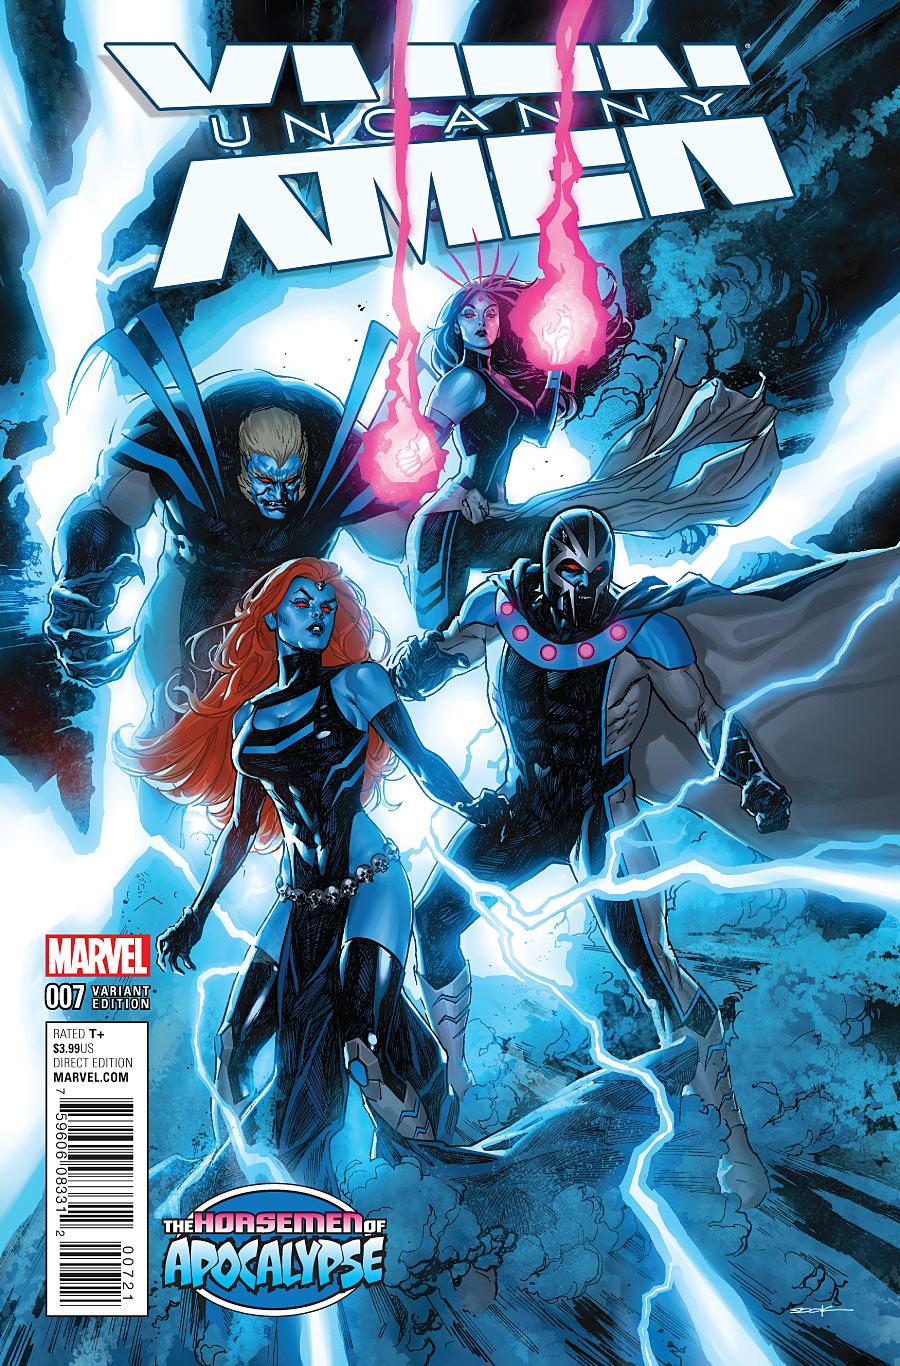 El Rincón Geek: Uncanny X-Men Vol.4 (19-19) (Finalizada)